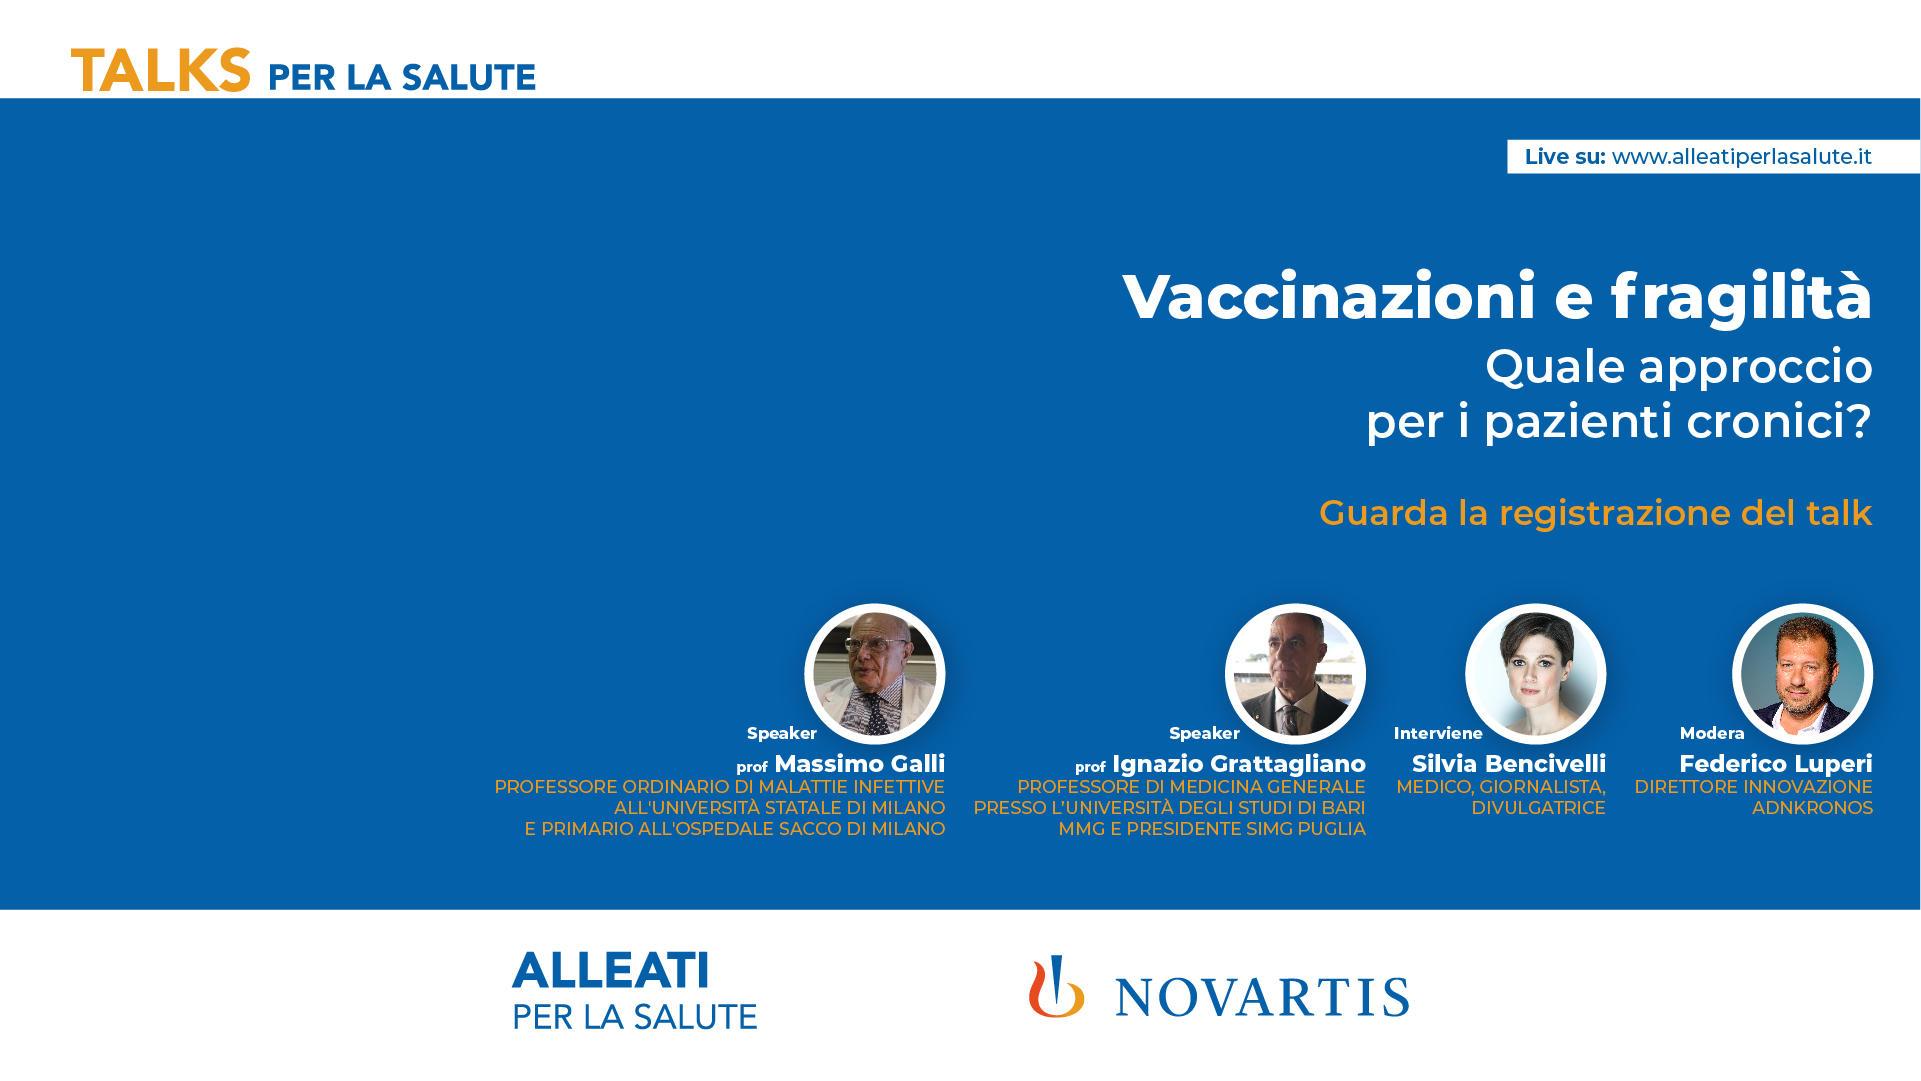 Talks per la Salute: Vaccinazioni e Fragilità